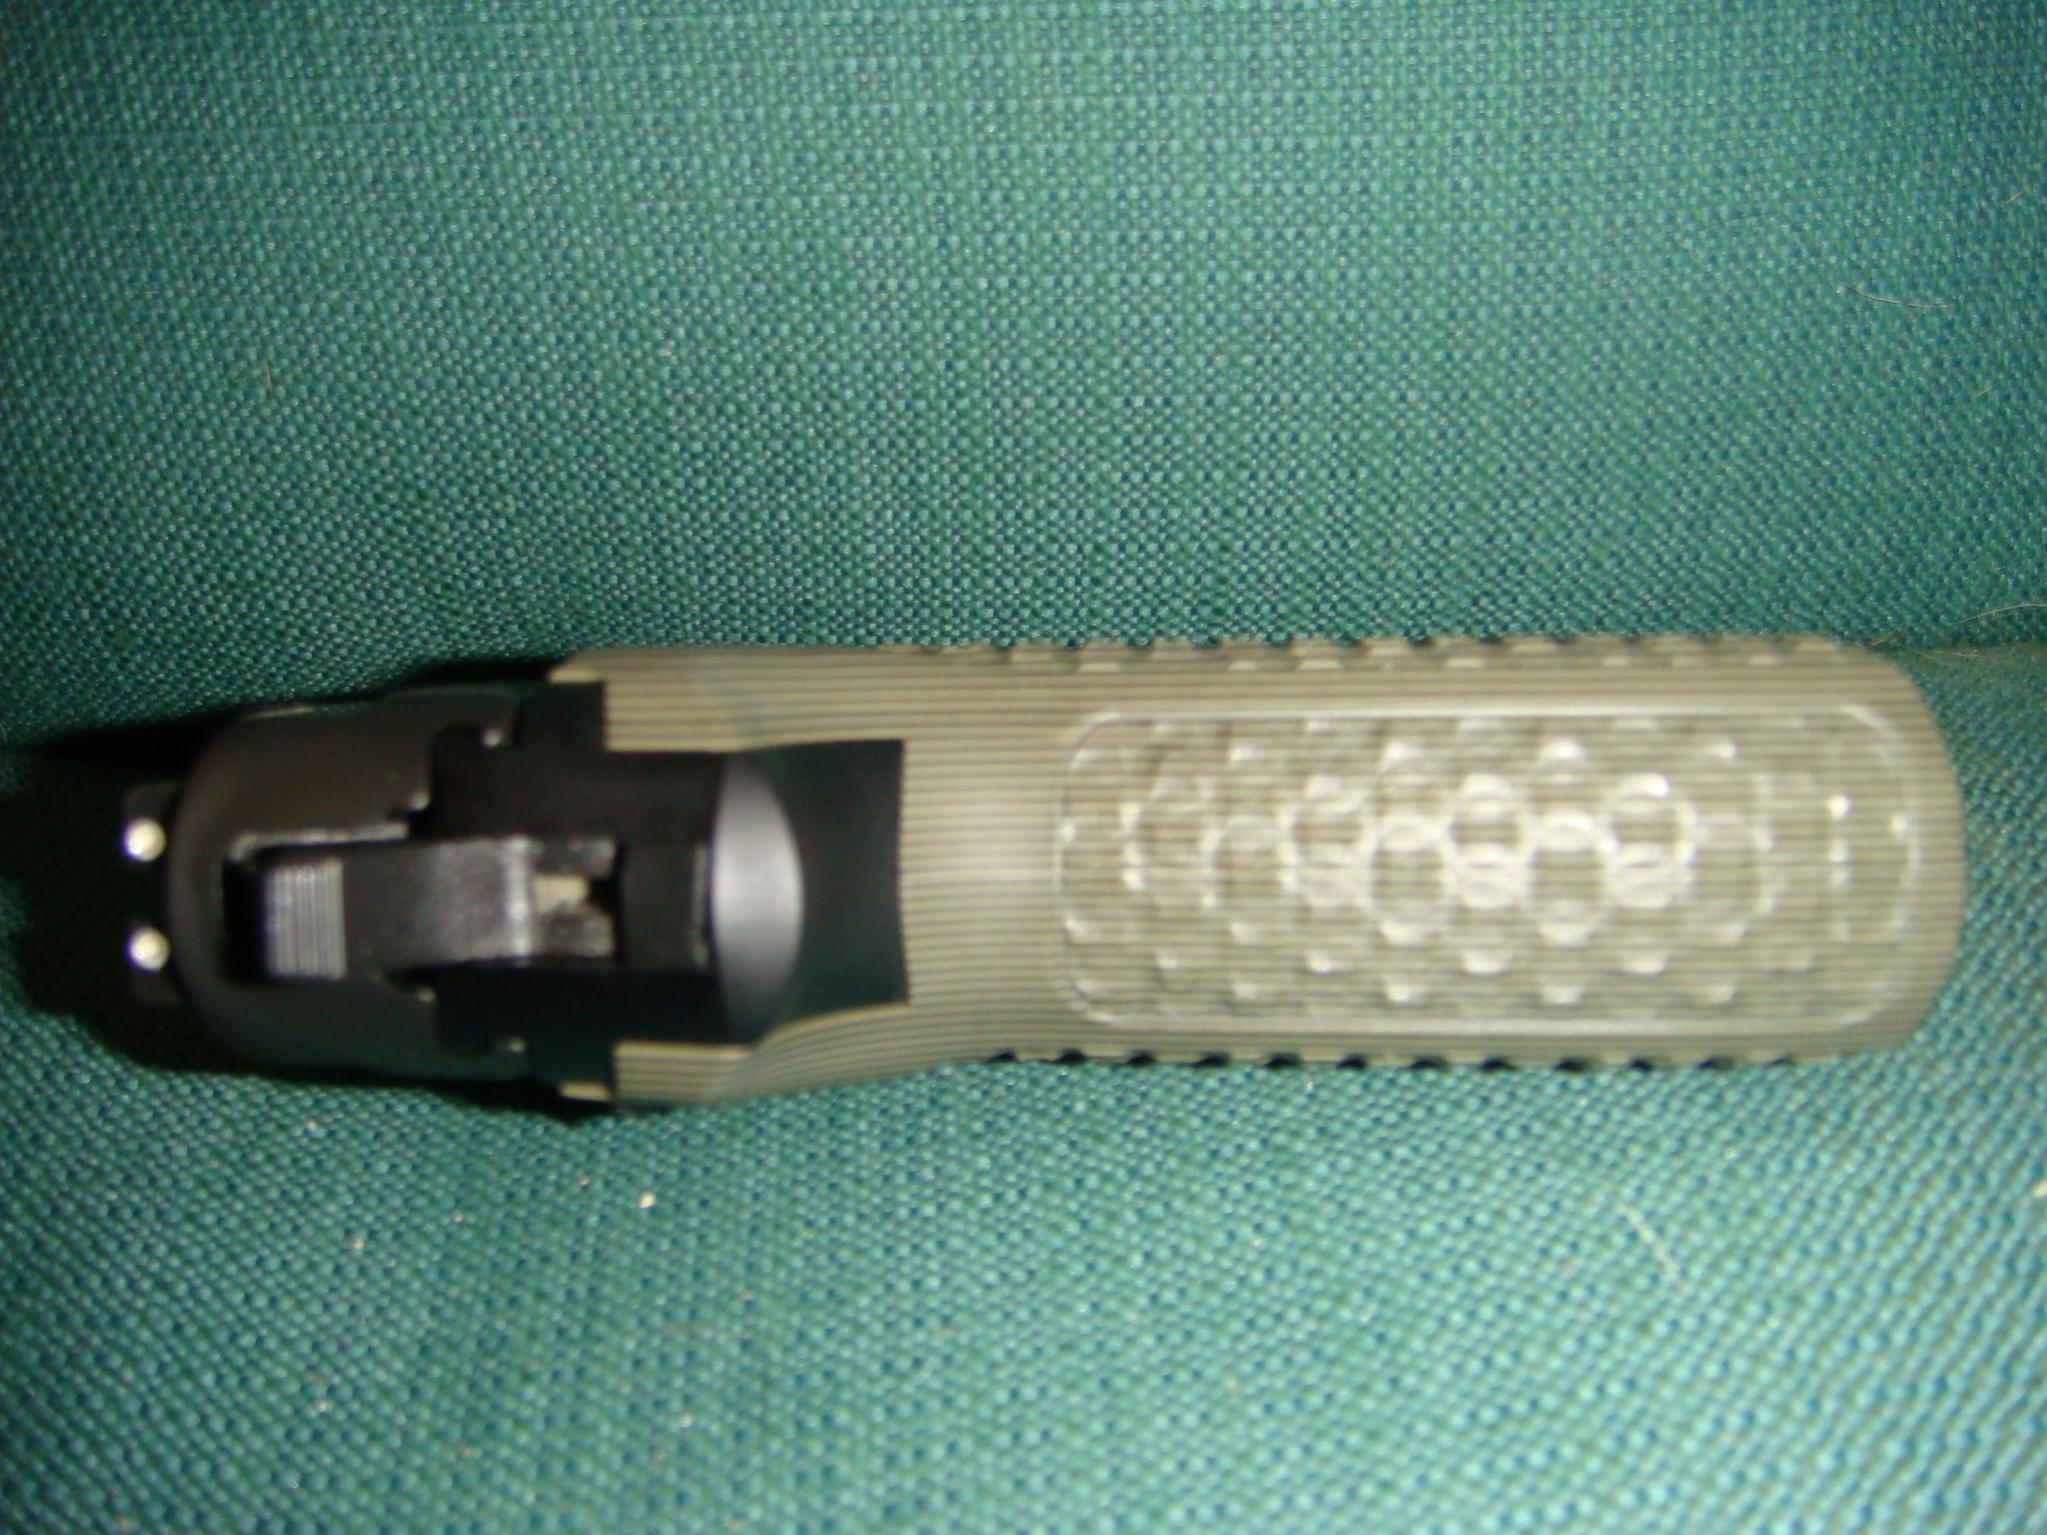 G10 grips-dsc00753.jpg